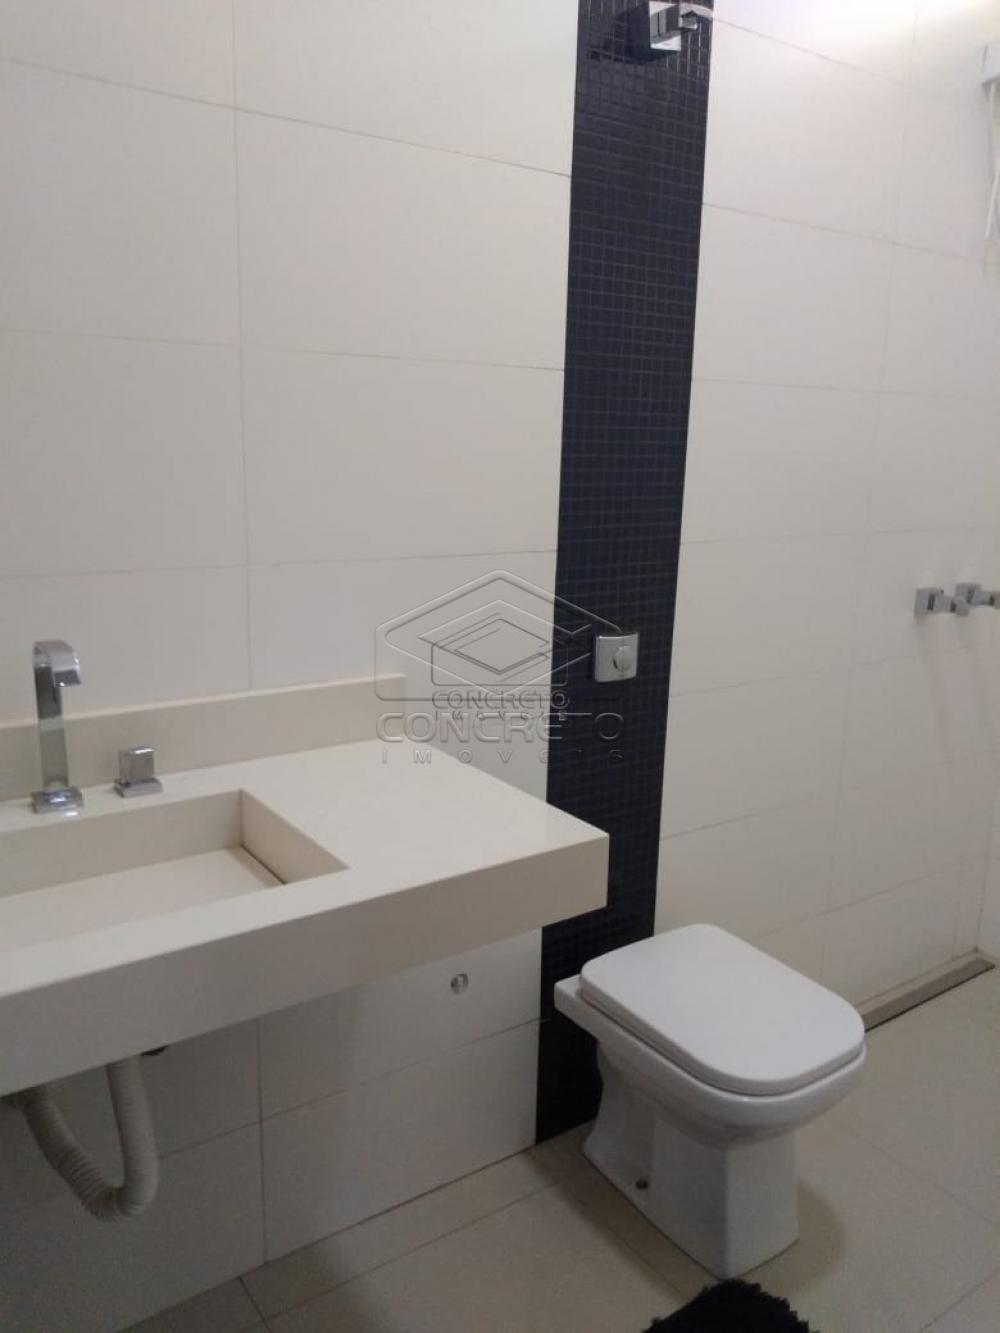 Comprar Casa / Padrão em Bauru apenas R$ 850.000,00 - Foto 18